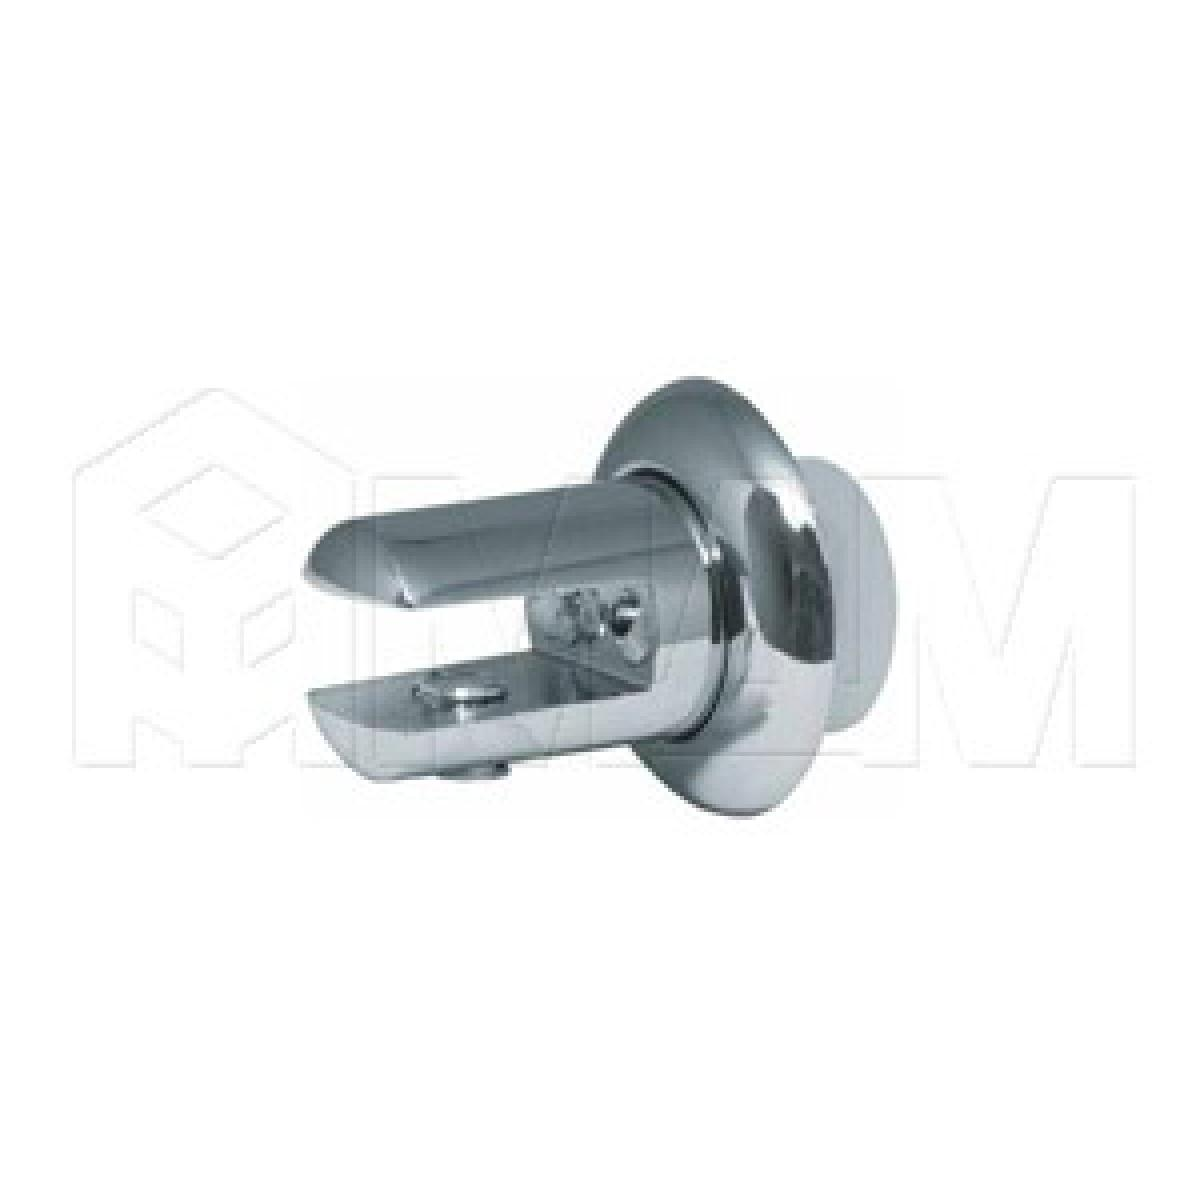 Полкодержатели - Крепление полки к зеркалу 5-6 мм, хром